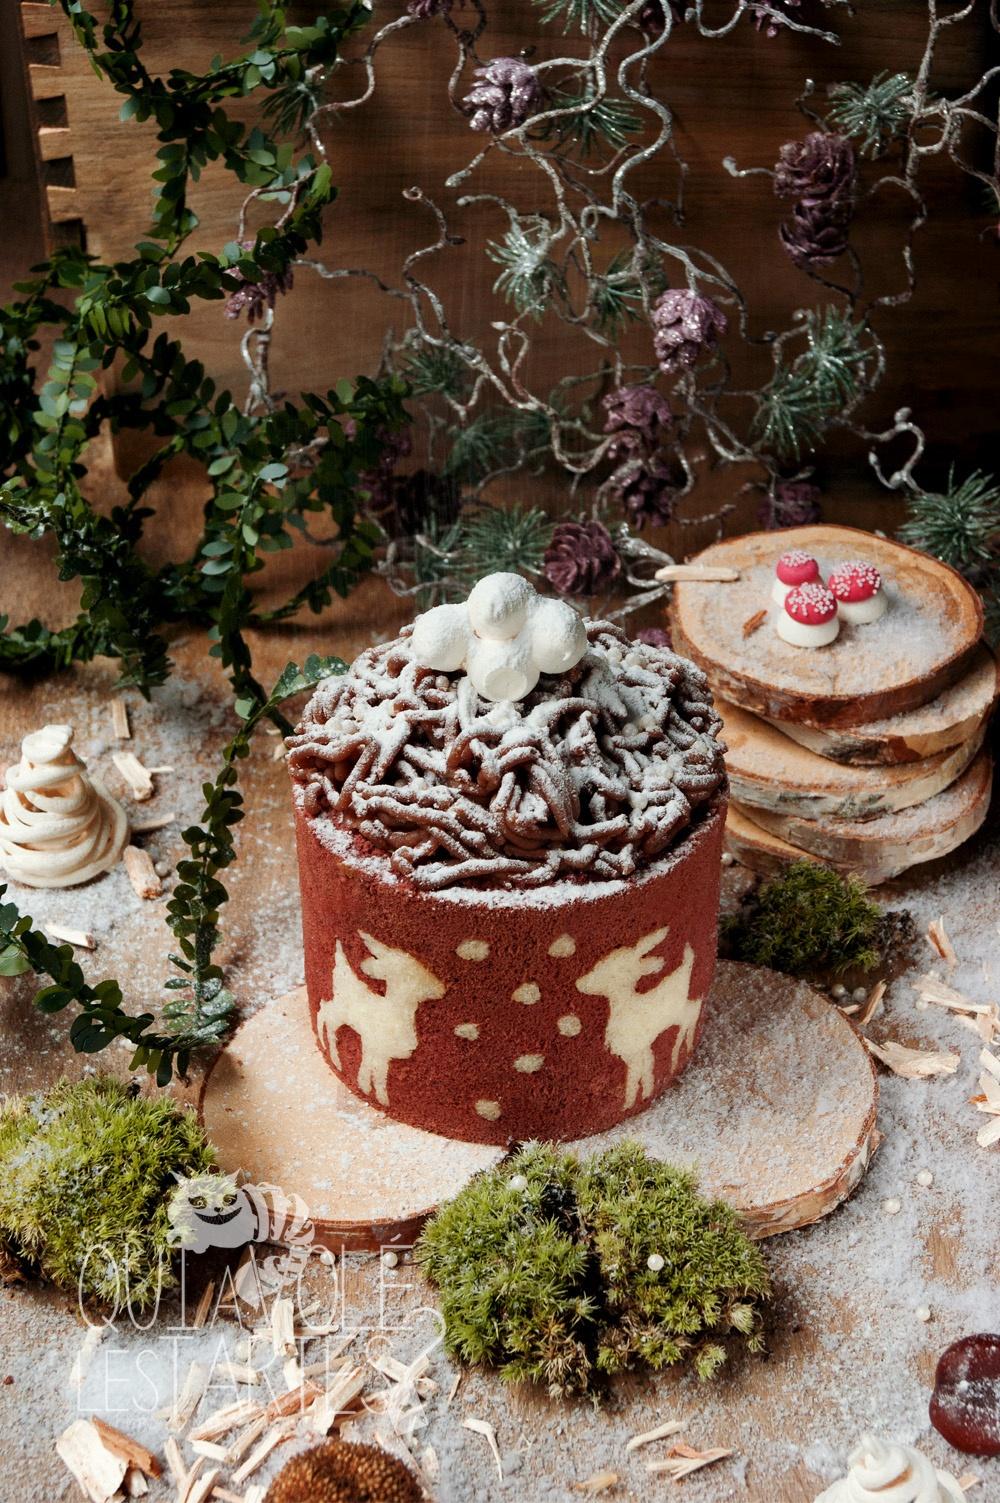 Mont-Blanc Noël sans gluten 2 - Studio 2 création - Qui a volé les tartes